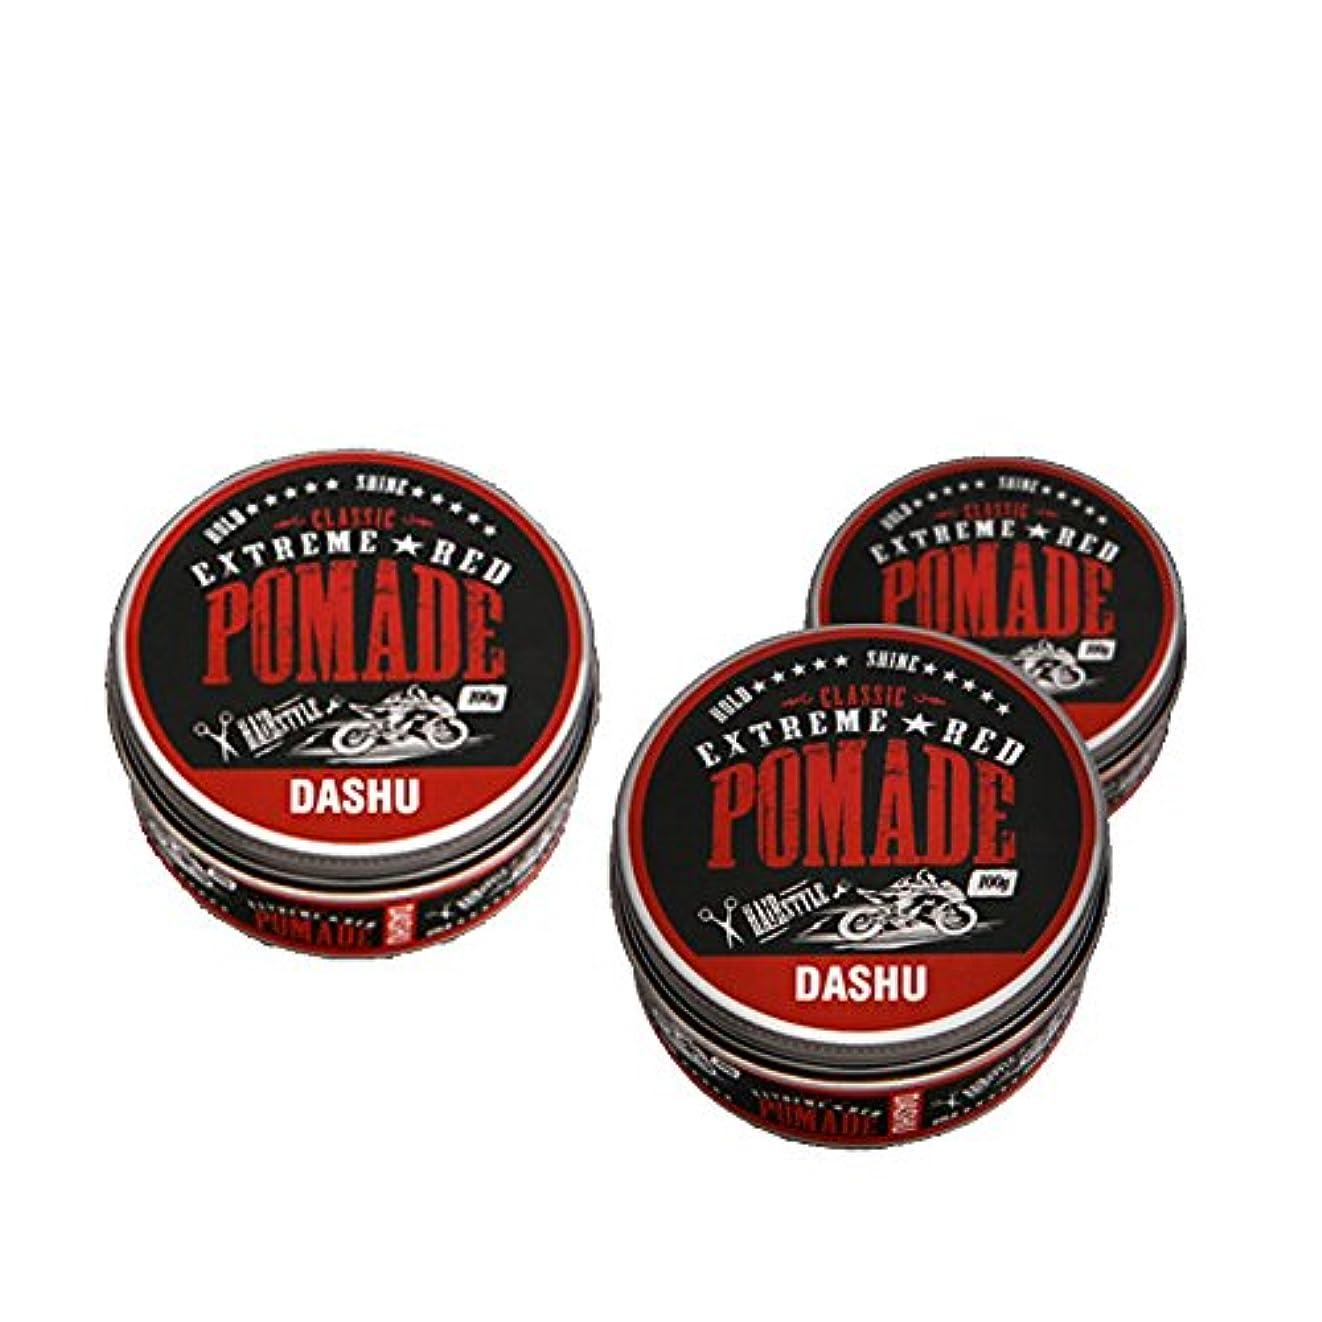 有益絶滅させる死にかけている(3個セット) x [DASHU] ダシュ クラシックエクストリームレッドポマード Classic Extreme Red Pomade Hair Wax 100ml / 韓国製 . 韓国直送品